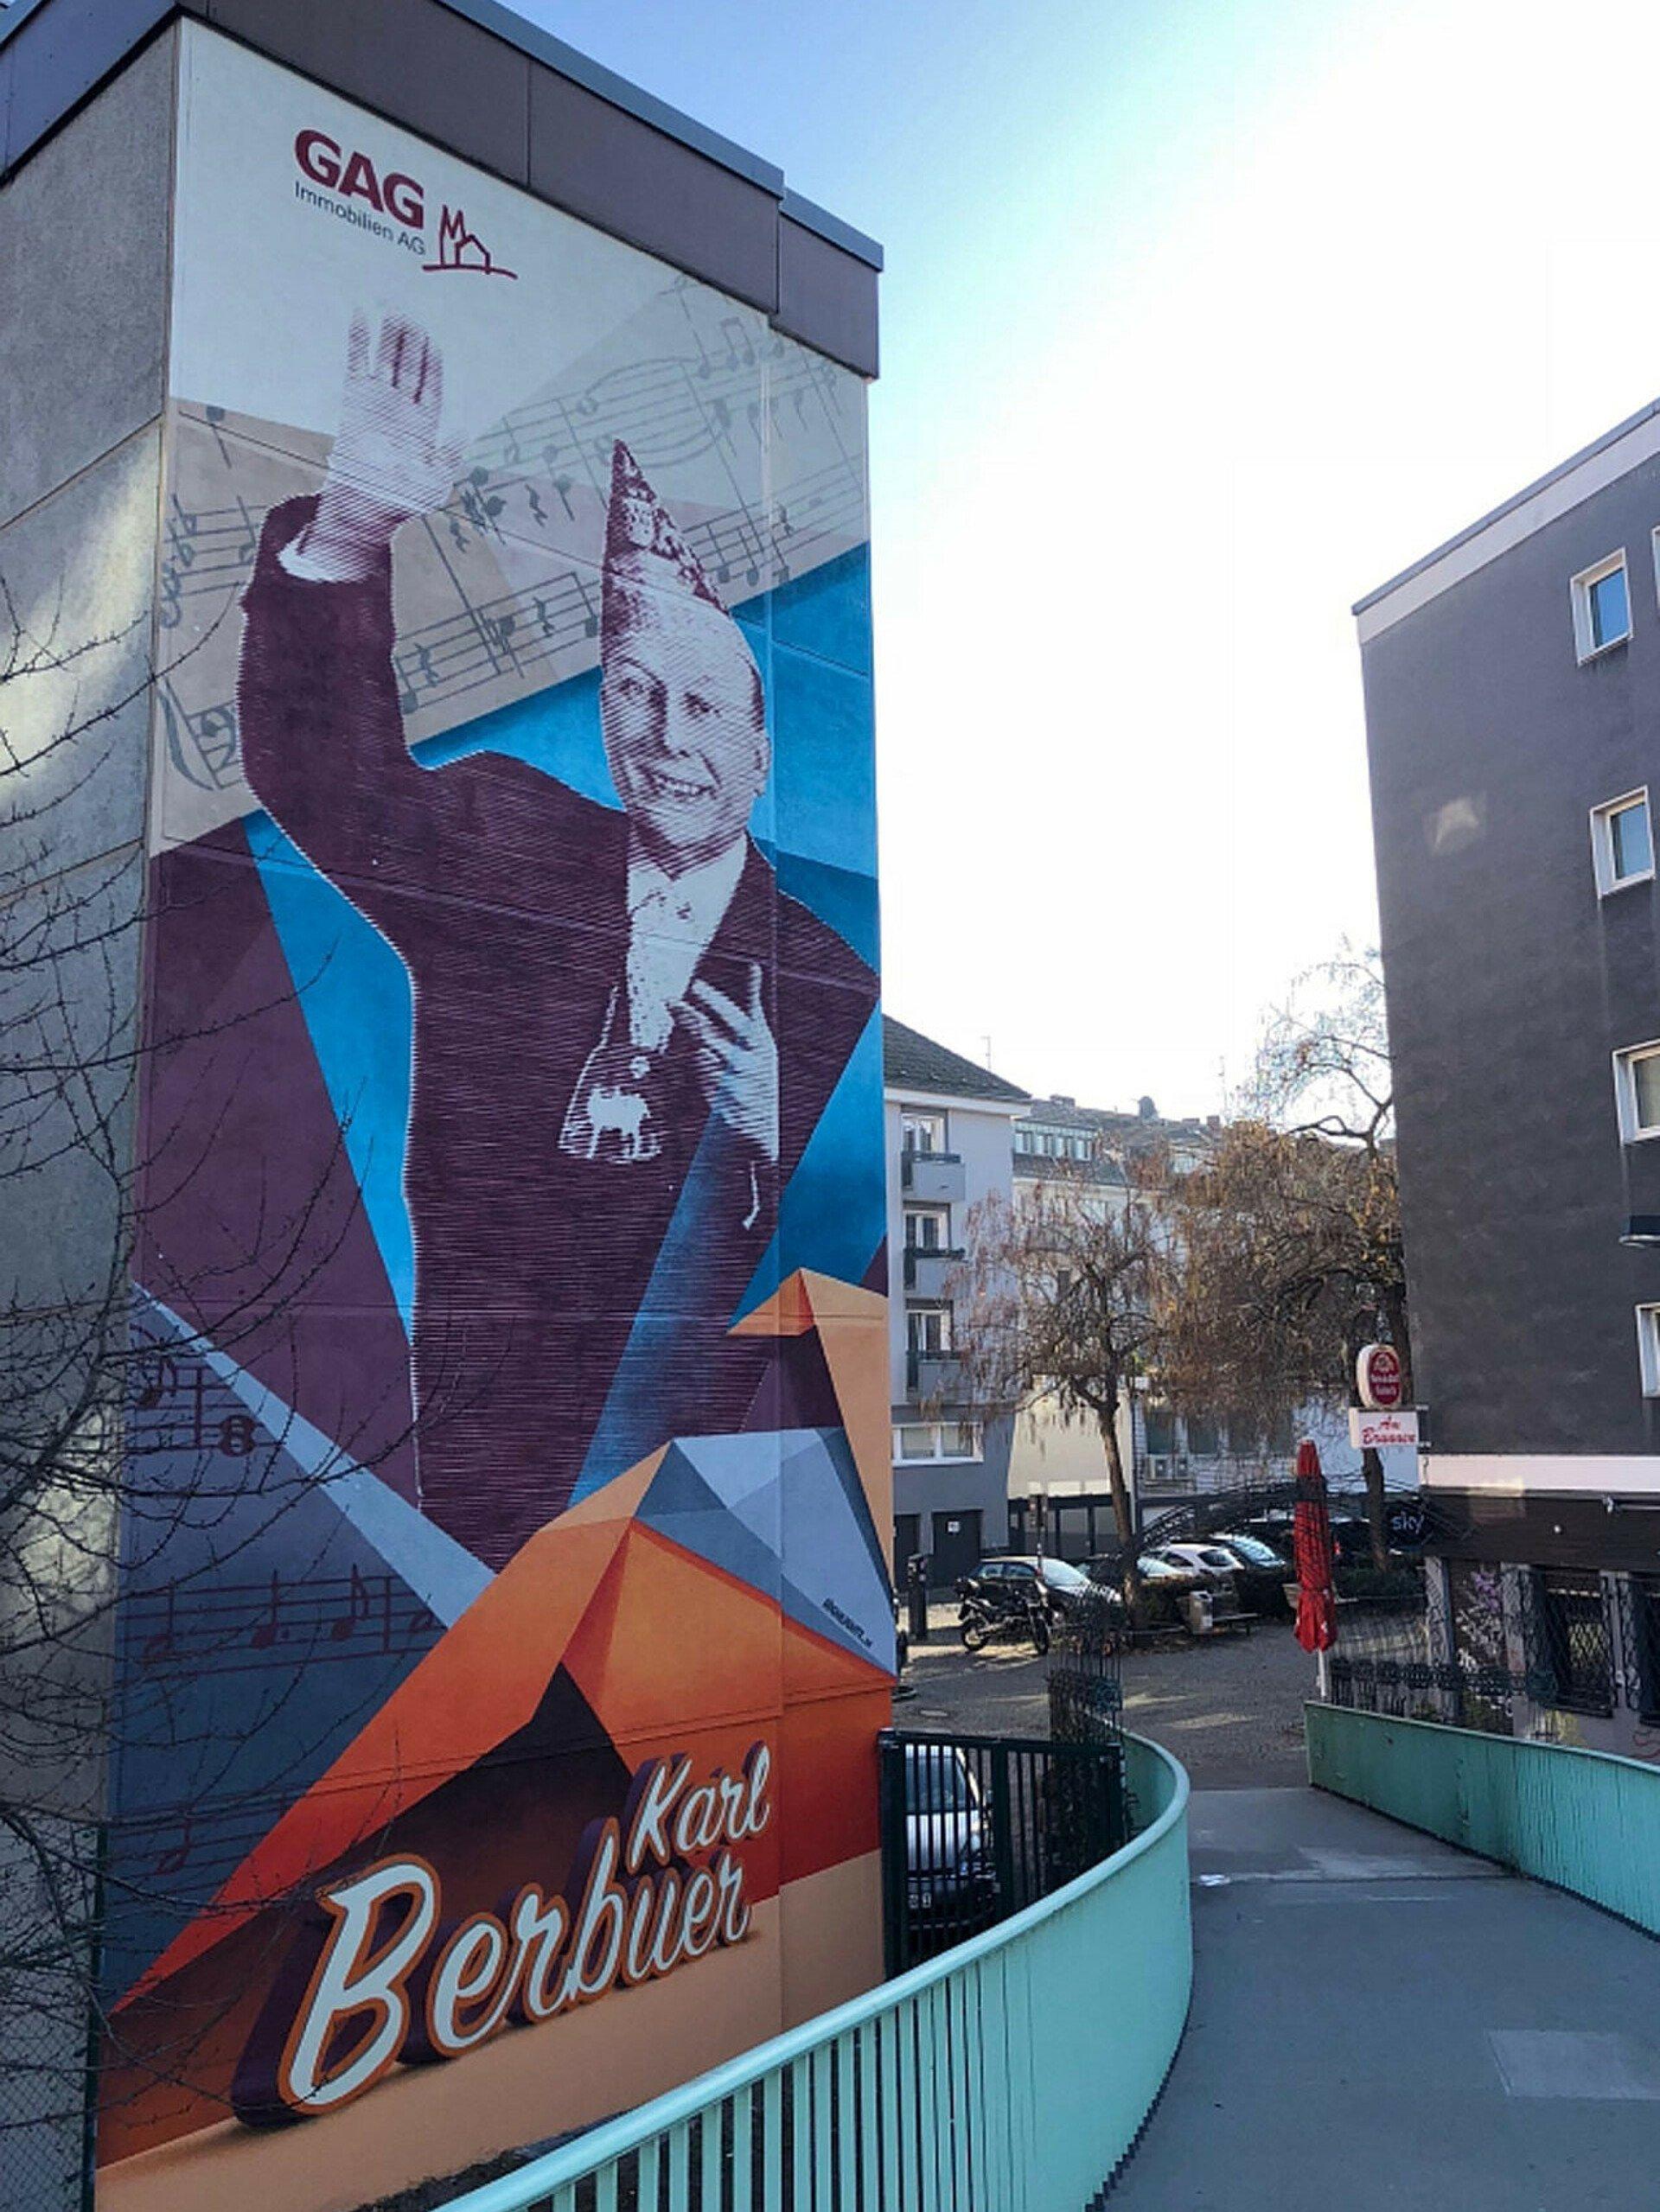 Fassadenansicht Mural am Karl-Berbuer-Platz in der Südstadt